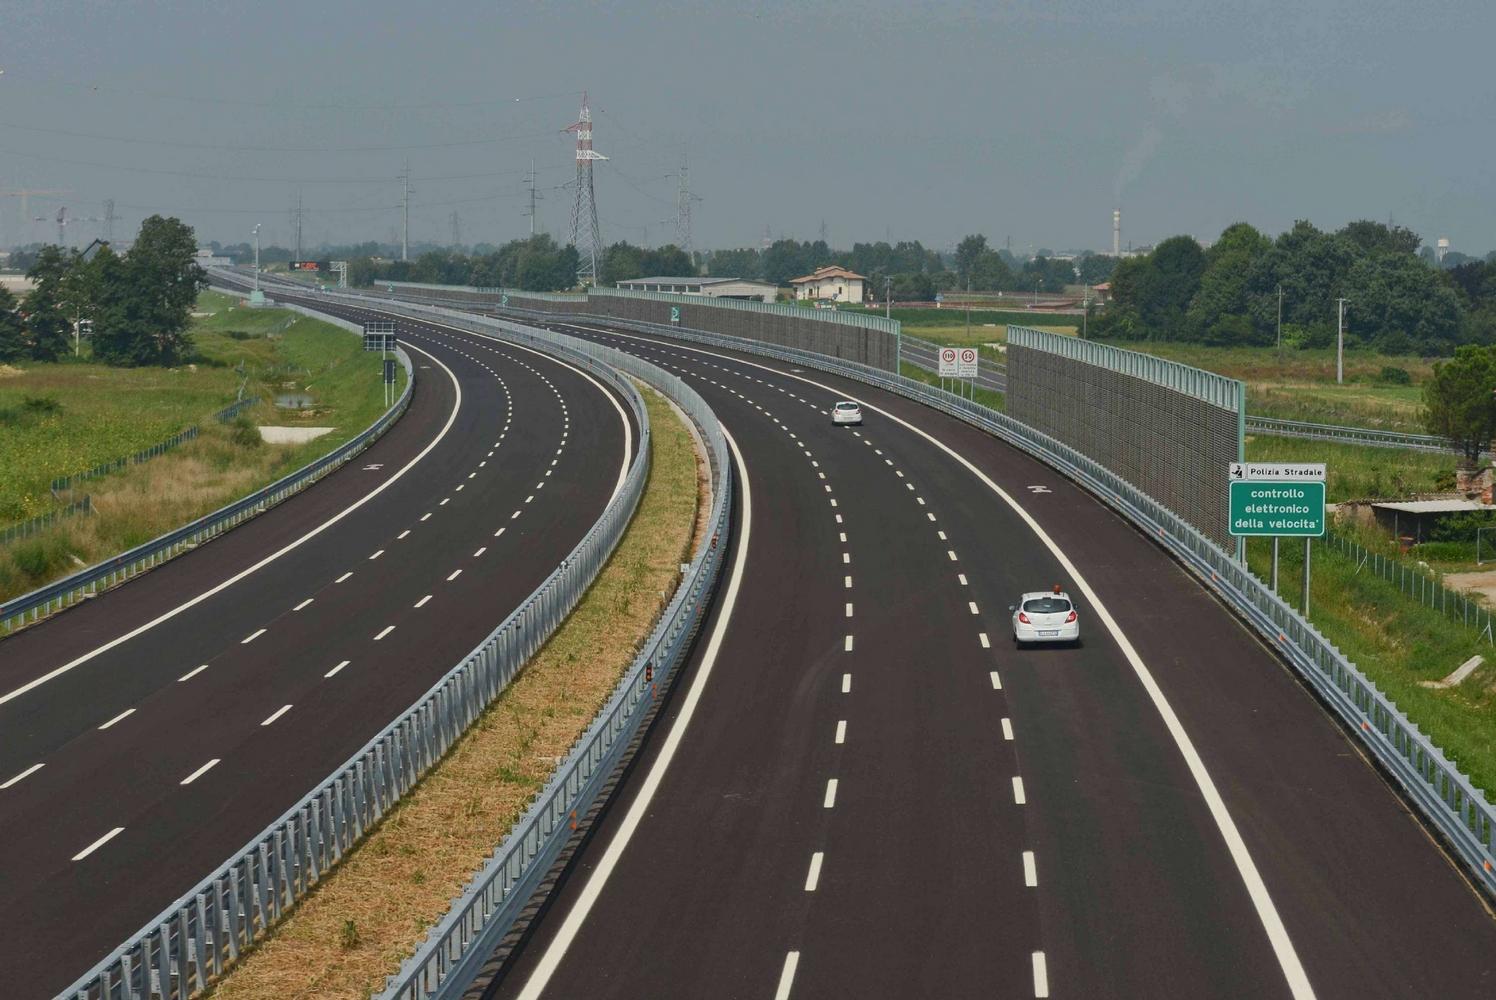 """Regione Lombardia progetta """"sconti tariffe"""" per chi viaggia in autostrada Quanto ci perdiamo in salute e soldi pubblici?"""